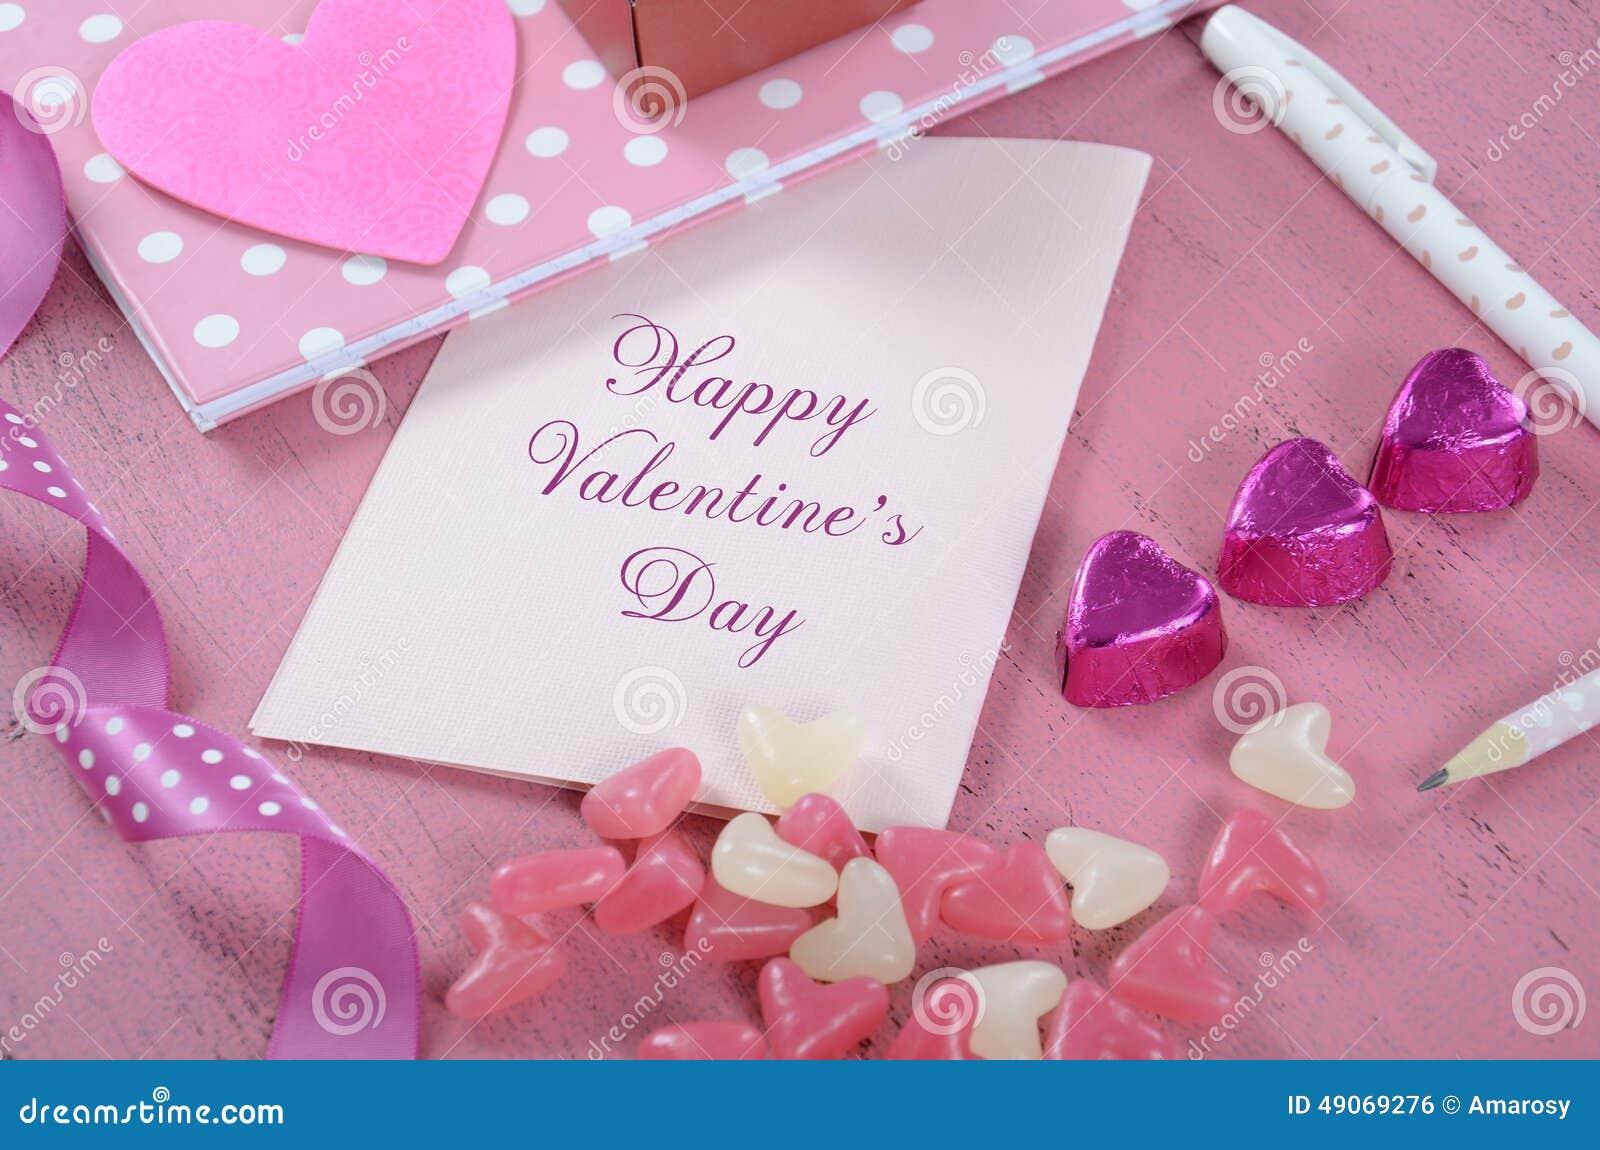 Letras y tarjetas de amor de la escritura para el día de tarjetas del día de San Valentín feliz